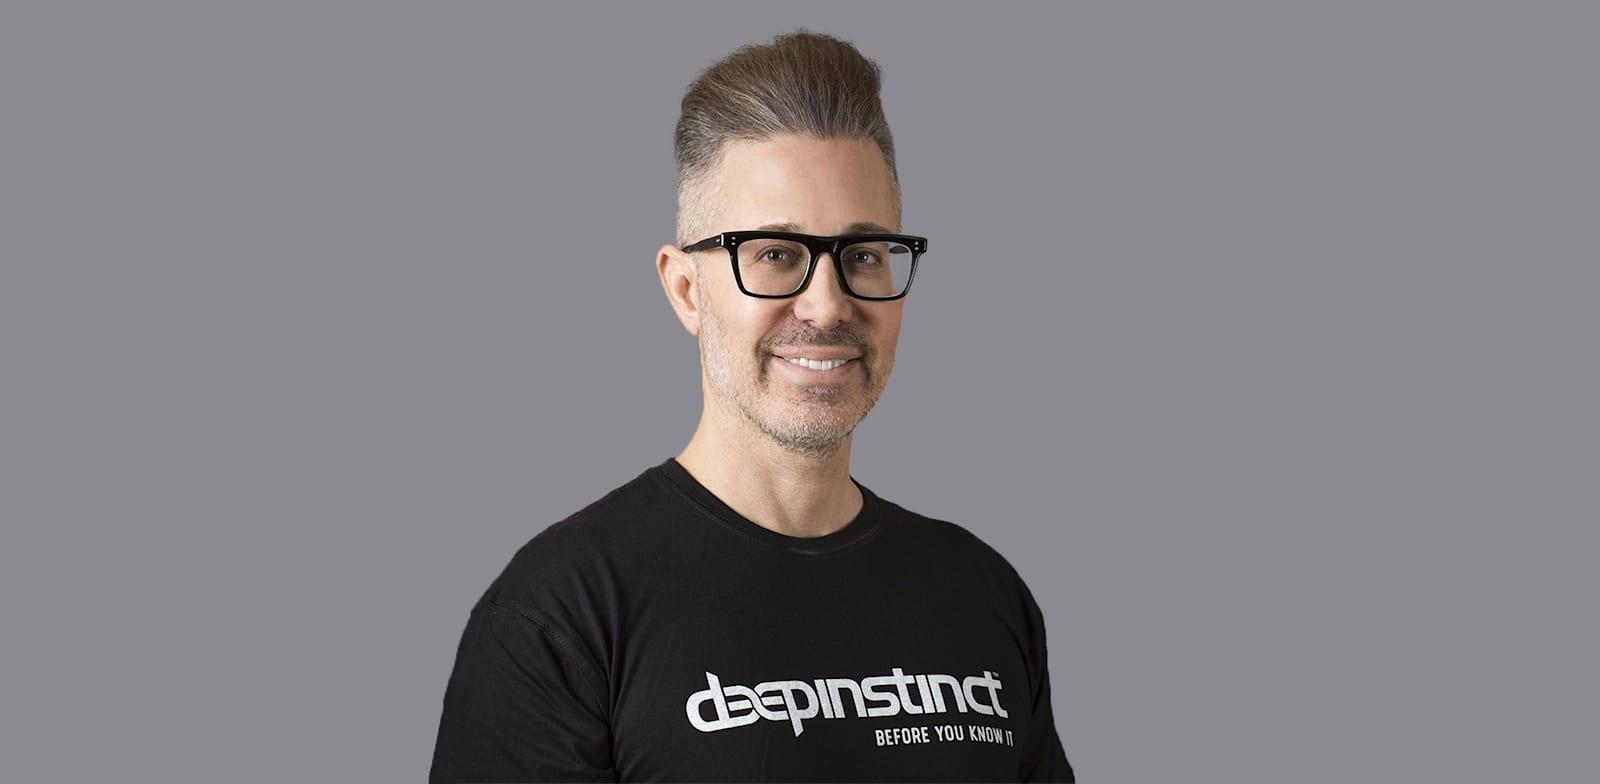 """מנכ""""ל חברת דיפ אינסטינקט, גיא כספי / צילום: נופר חסון הנדלמן"""